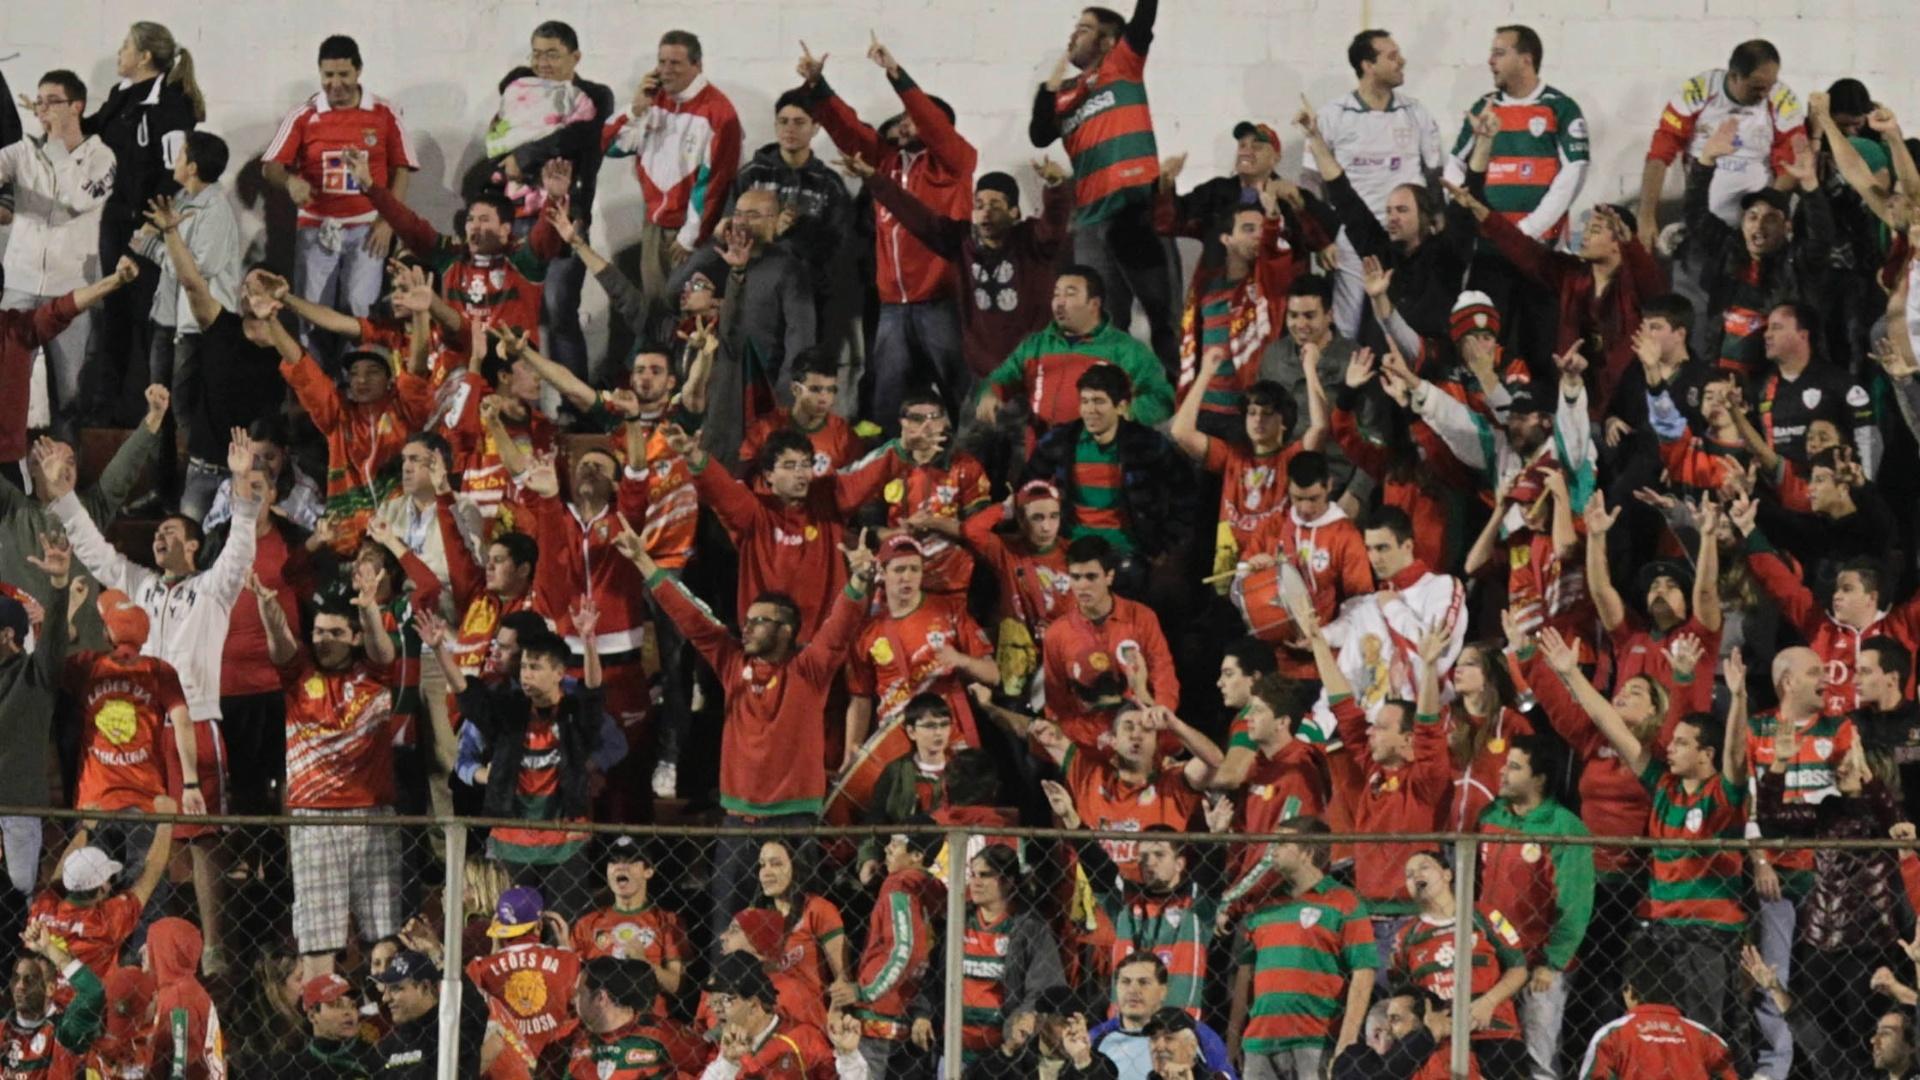 Torcedores da Portuguesa cantam para incentivar equipe no Canindé